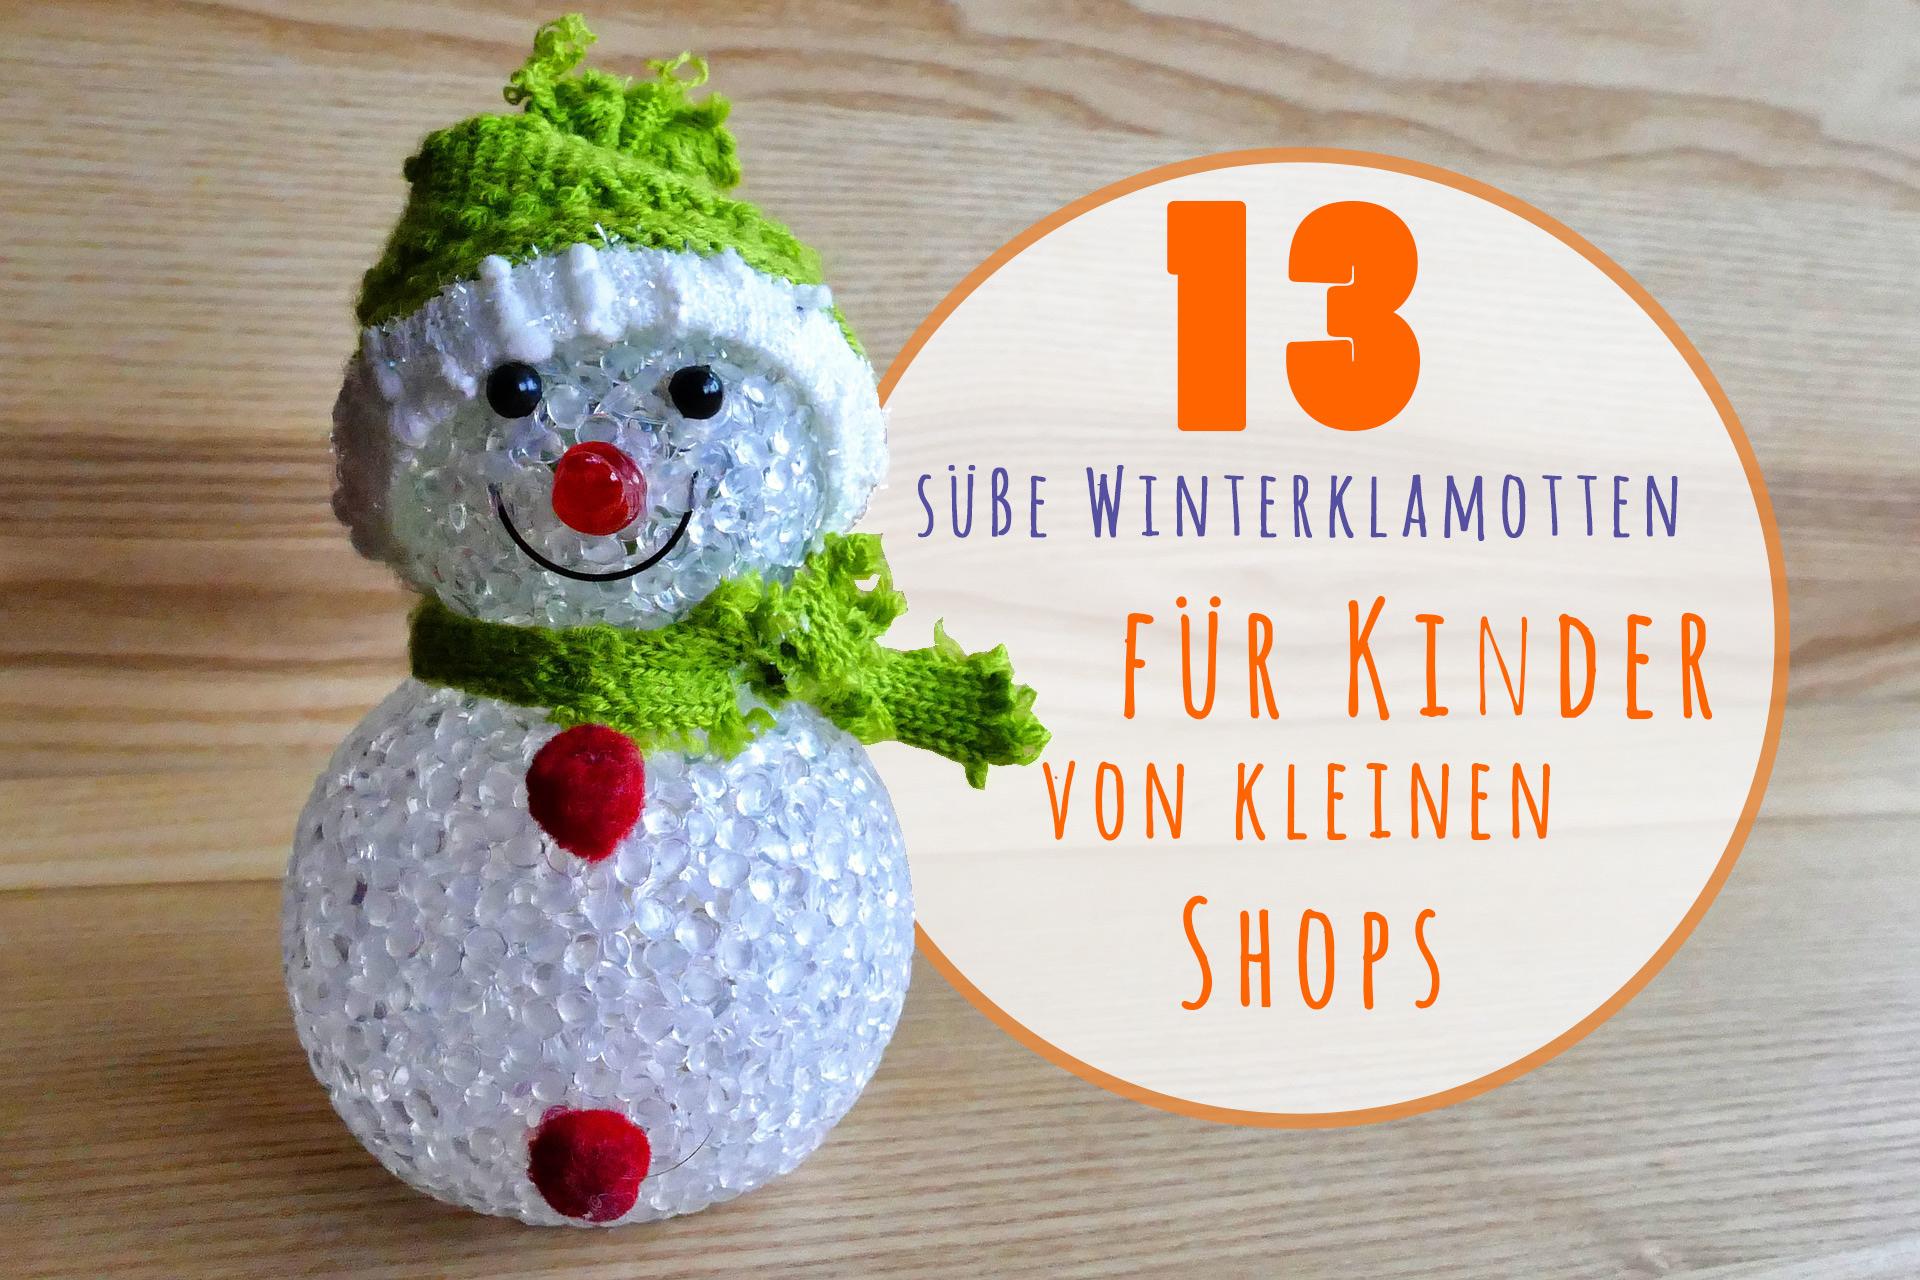 new arrivals 561c9 ff97c 13 süße Winterklamotten für Kinder von kleinen Shops ...